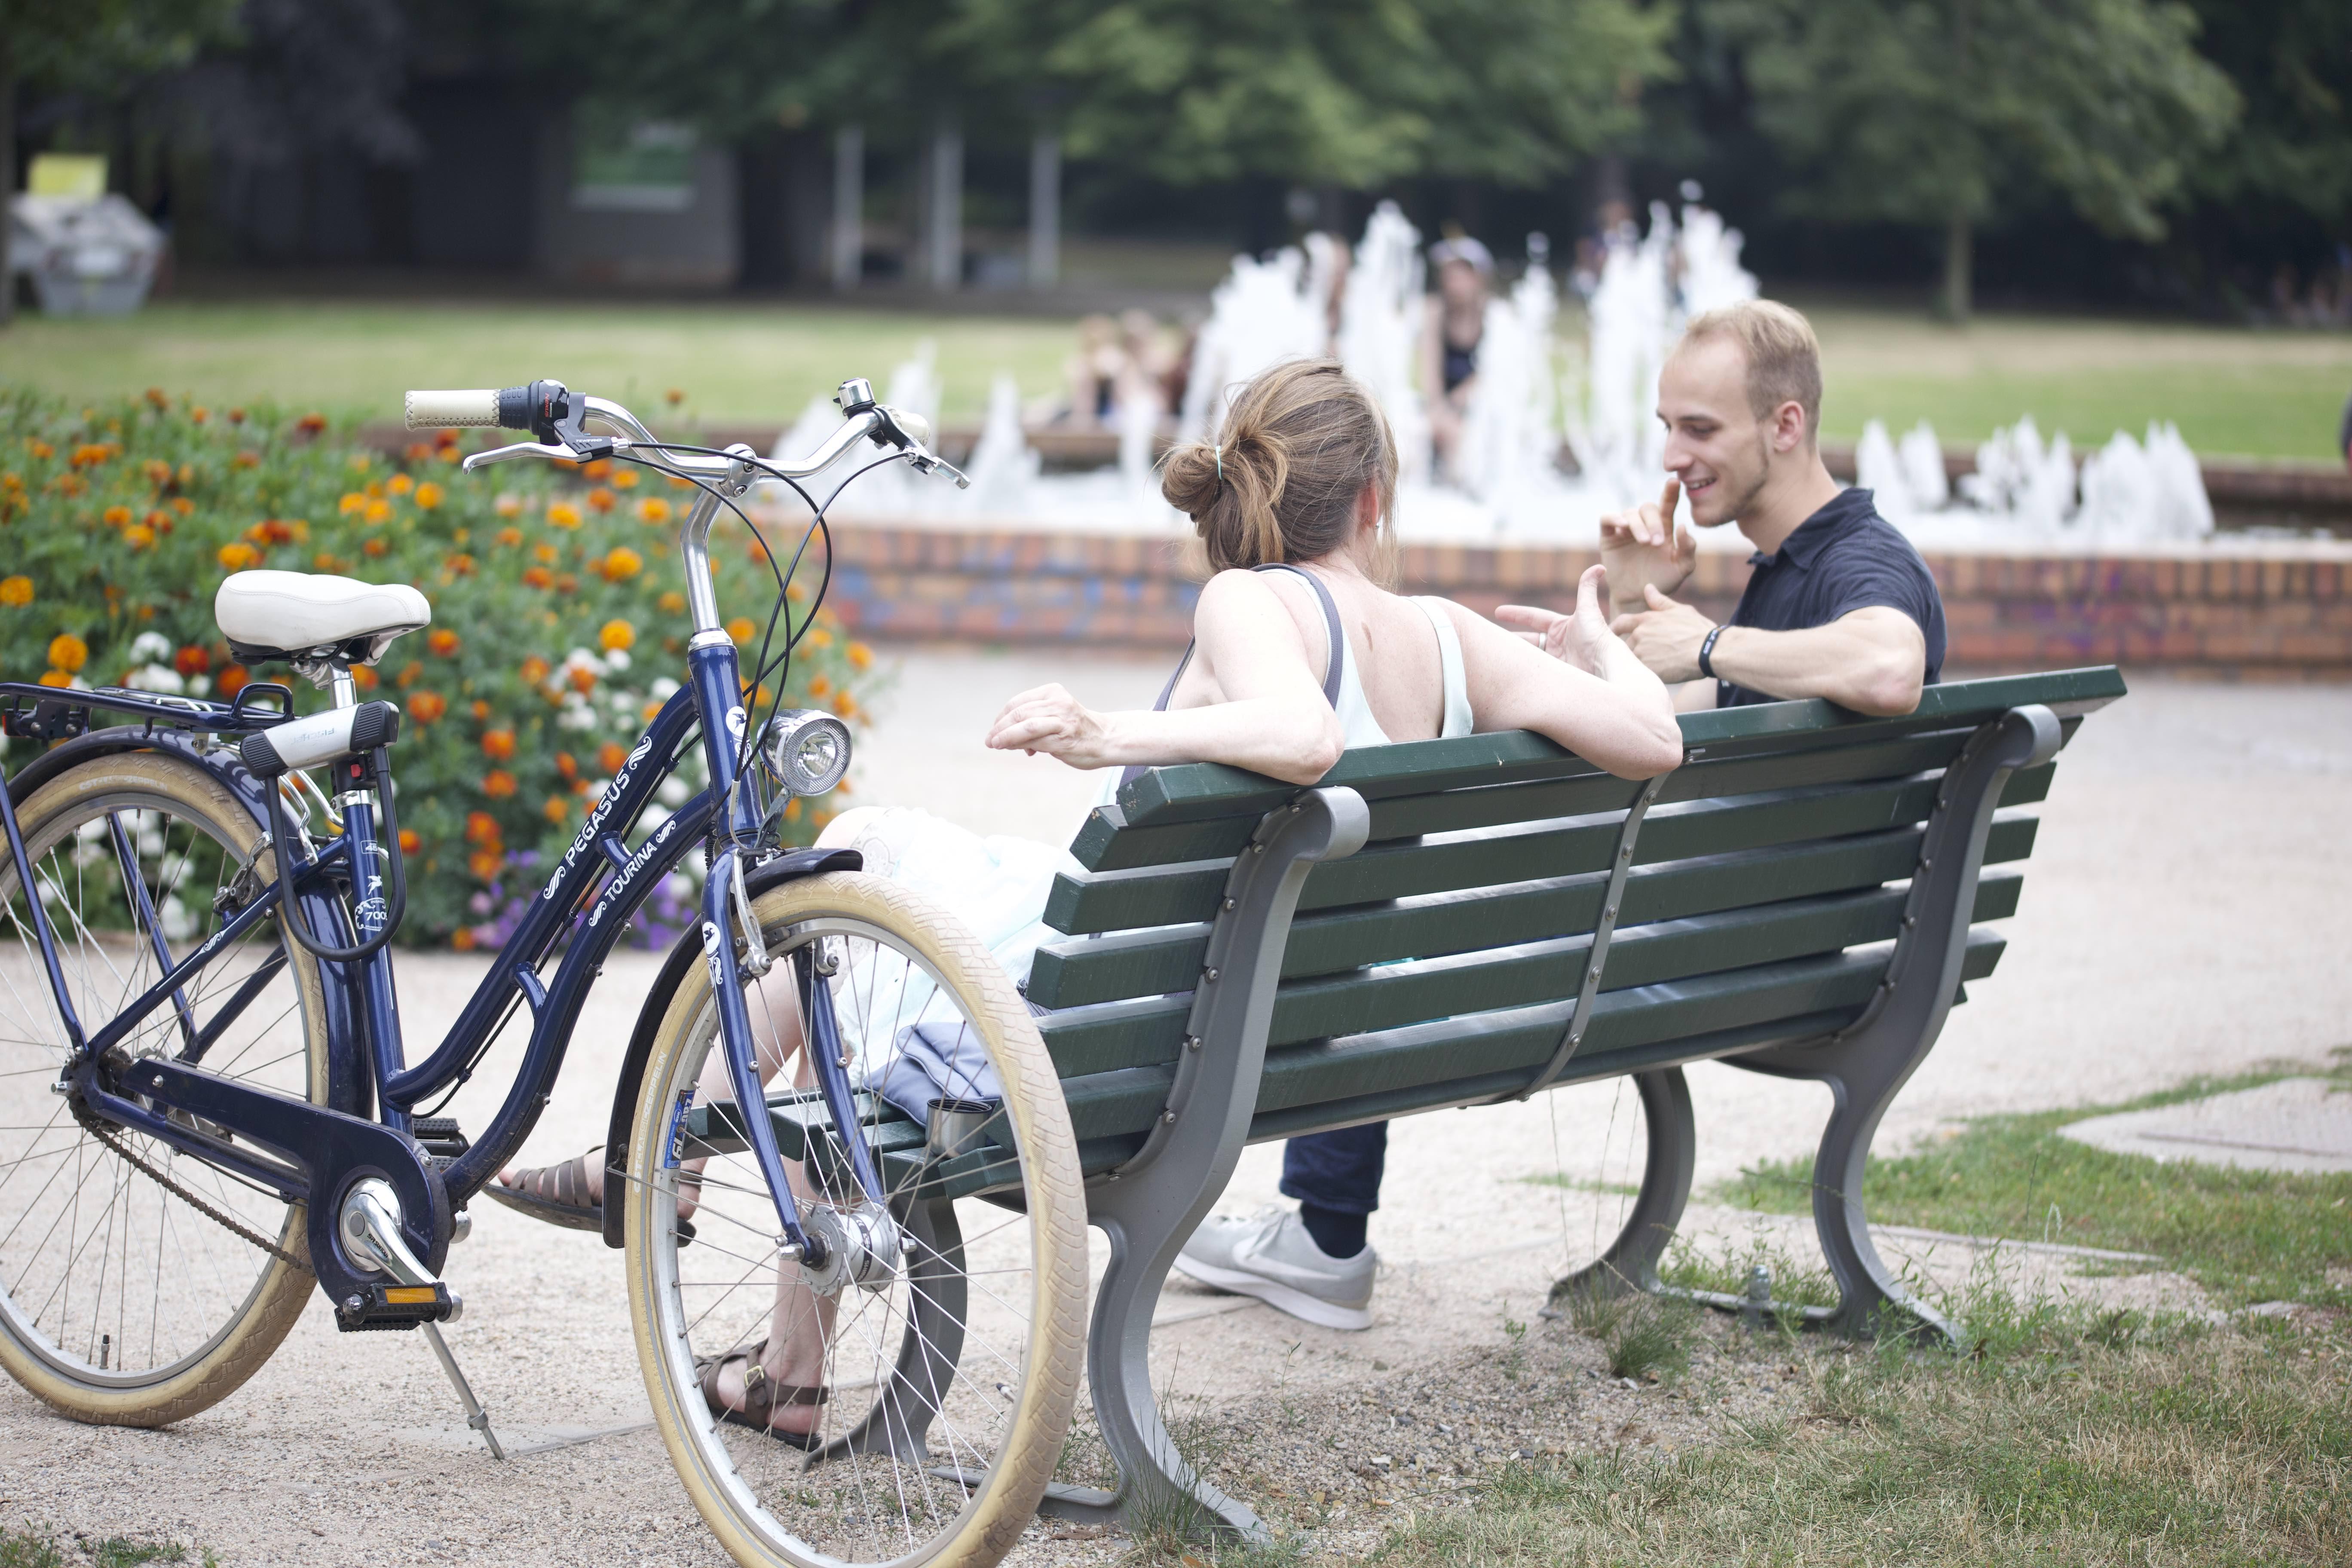 Gespräch auf der Parkbank.jpg